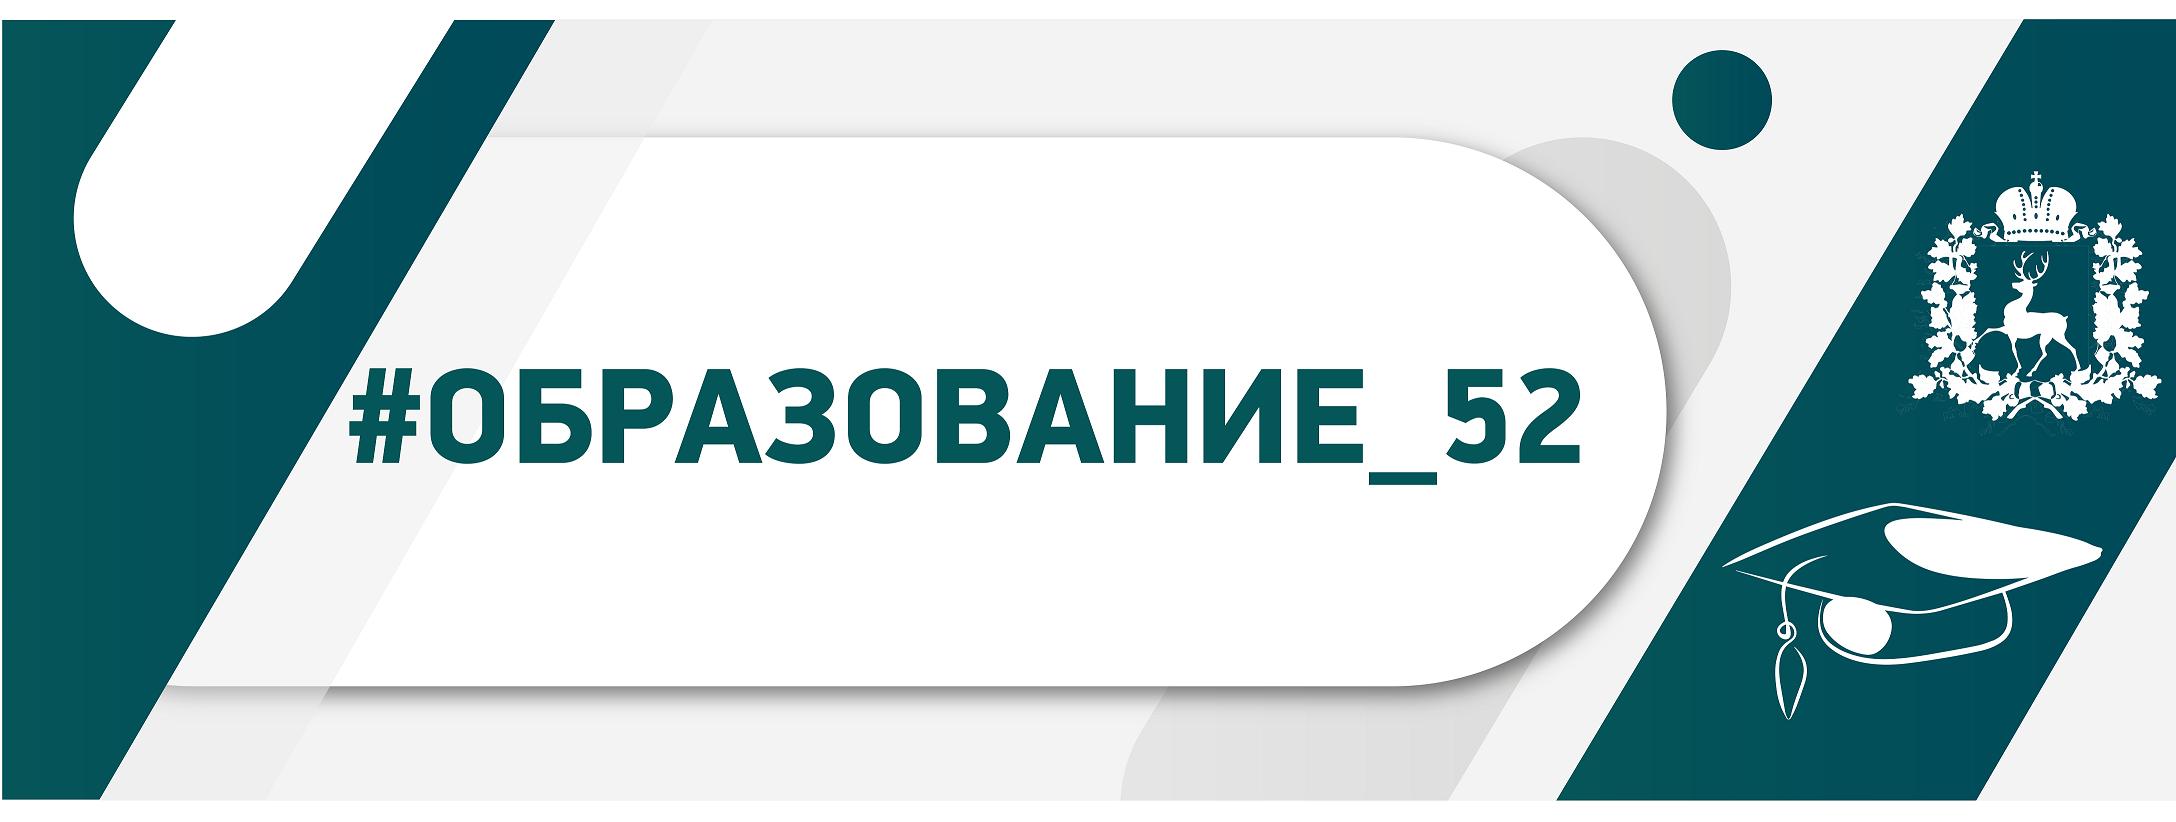 #ОБРАЗОВАНИЕ_52